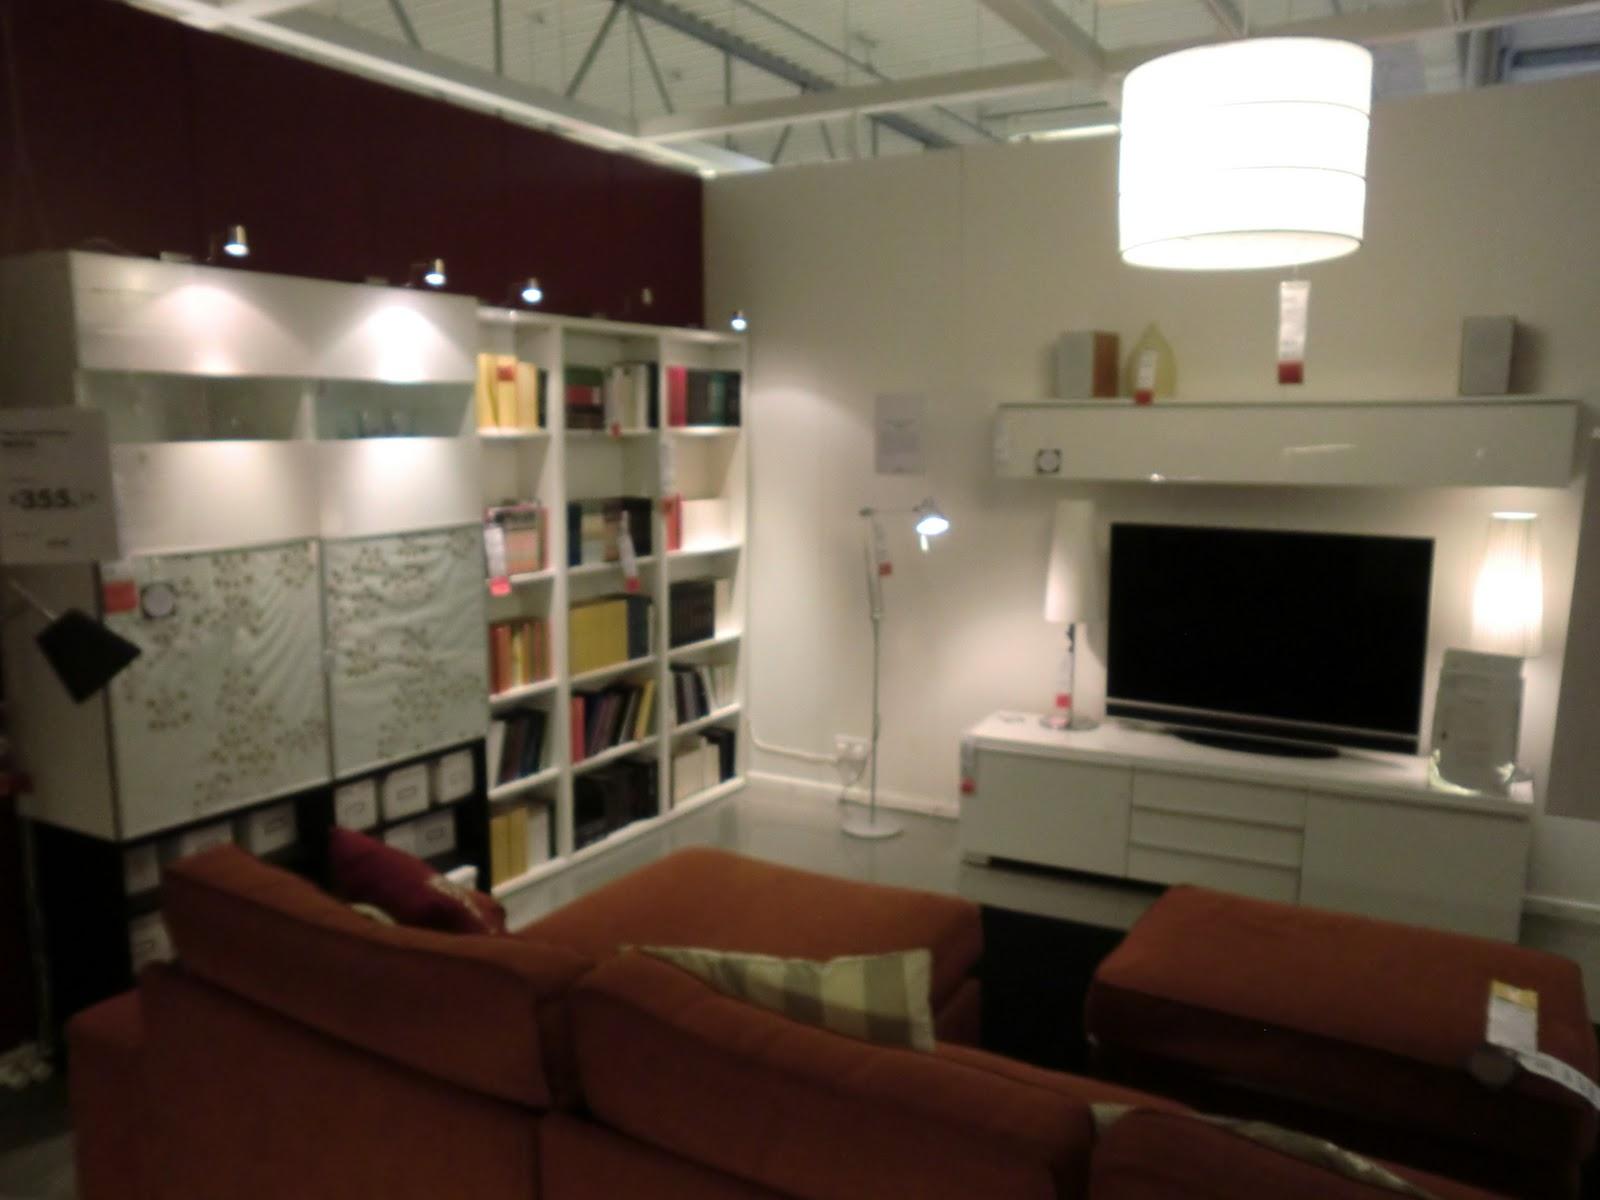 Decoracao Sala De Estar Ikea ~ decoracao de sala retangular simplesUm lado e sala de estar, com uma